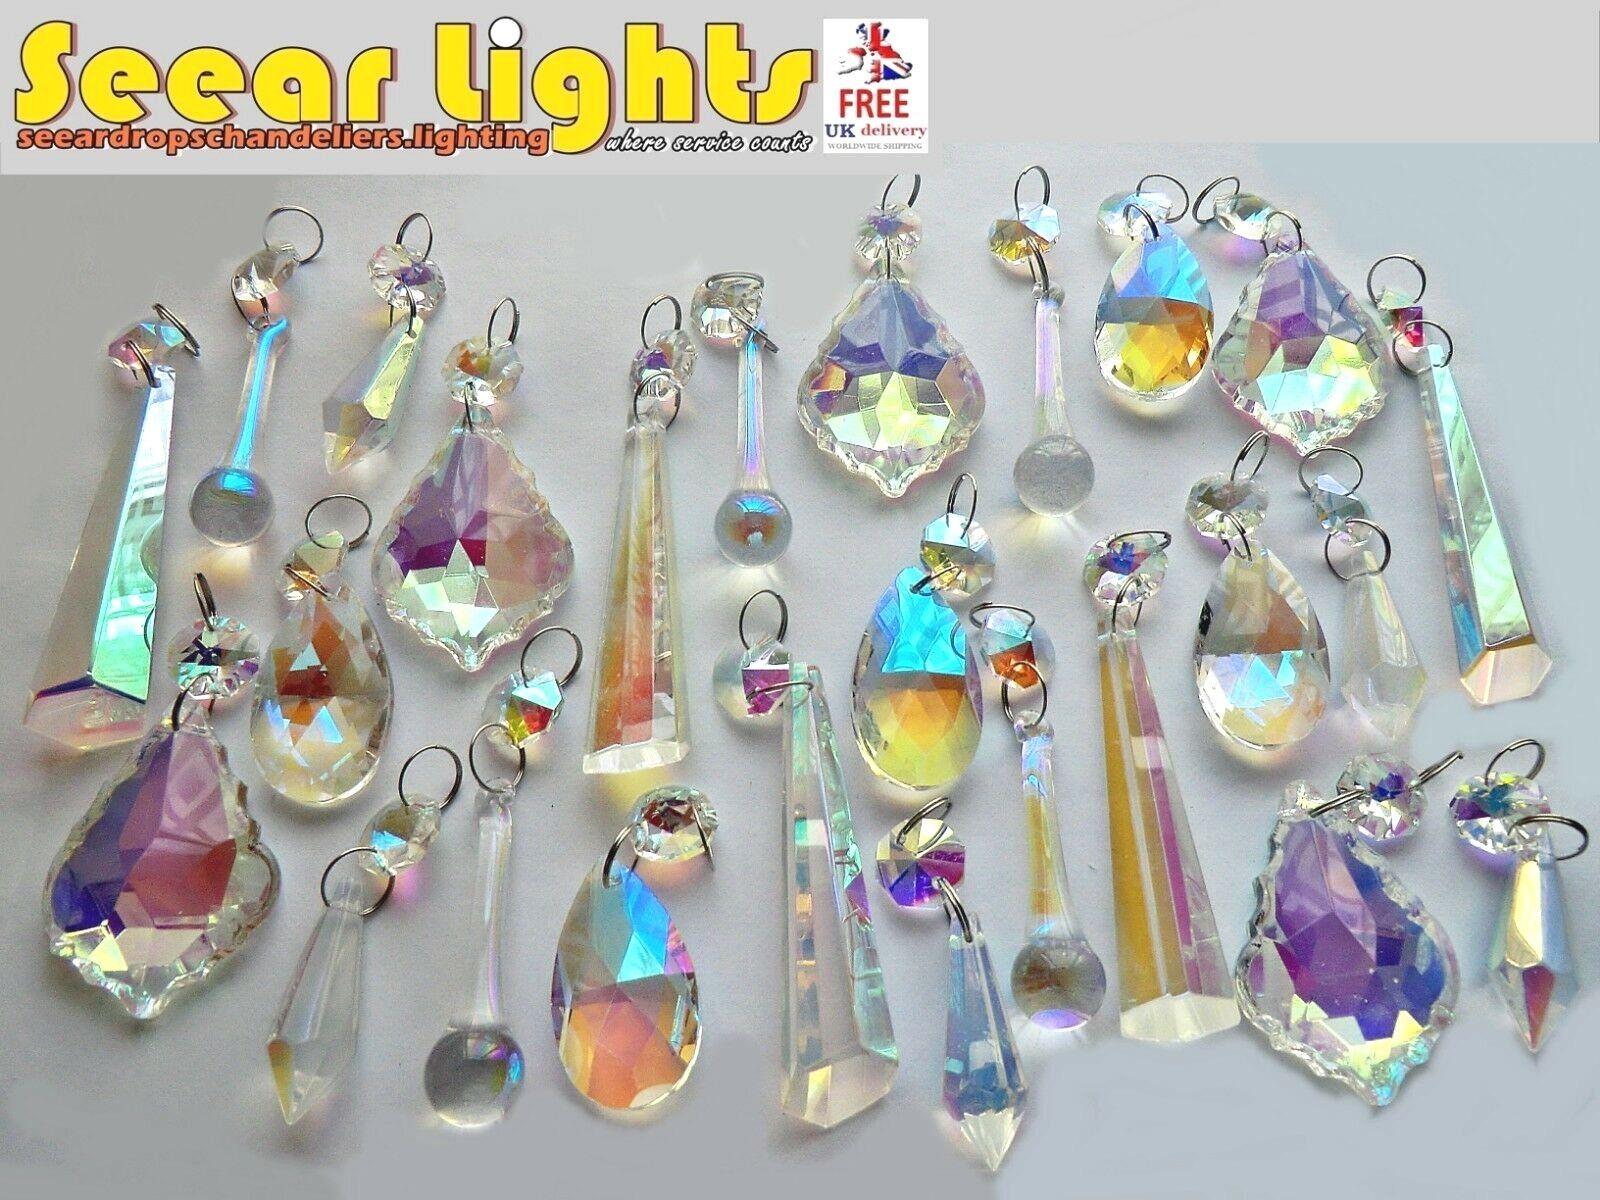 25 cristalli di vetro luce gocce gocce gocce Retrò AB Lampadario Perle Albero di Natale Decorazioni 34e1c4